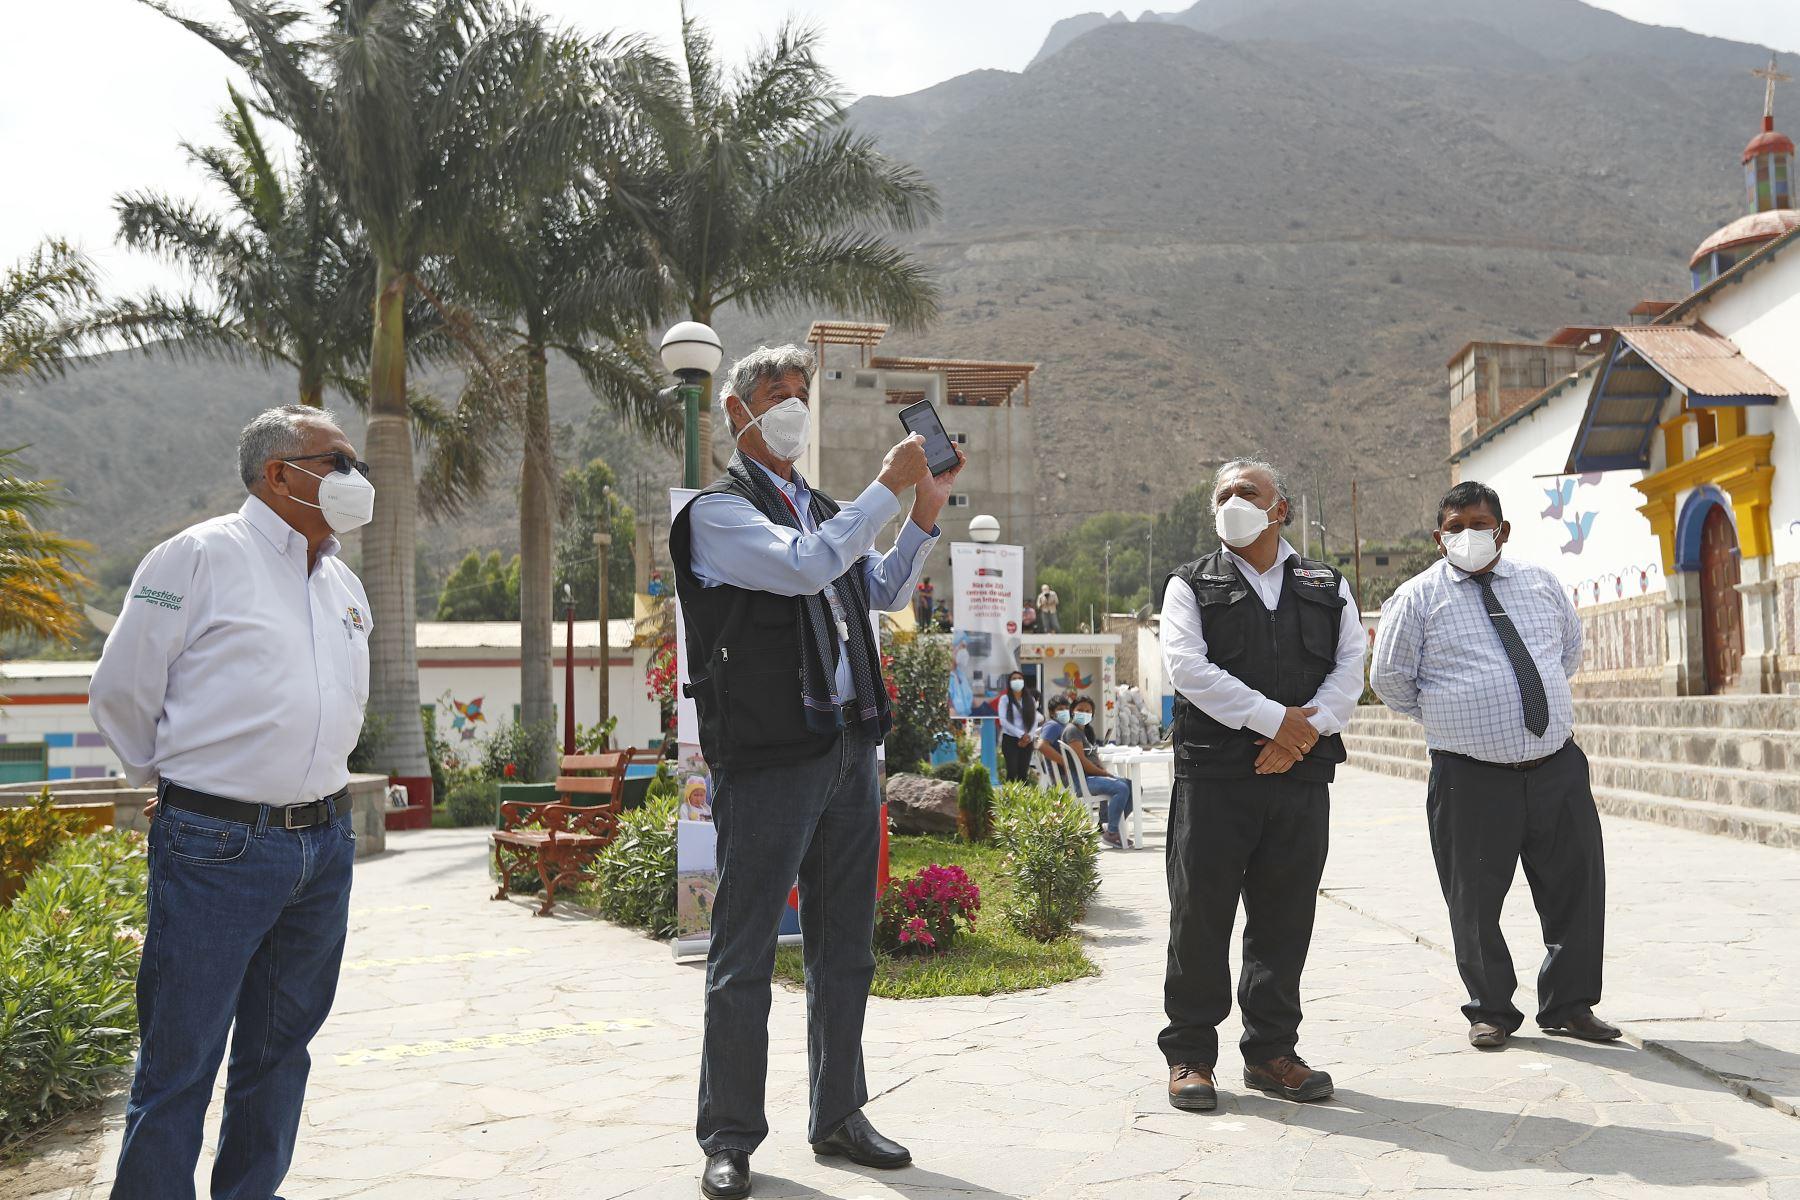 El Jefe del estado, Francisco Sagasti, acompañado del titular del Ministerio de Transportes y Comunicaciones, Eduardo González, supervisa el proyecto de banda ancha en la región Lima. Foto: ANDINA/Prensa Presidencia